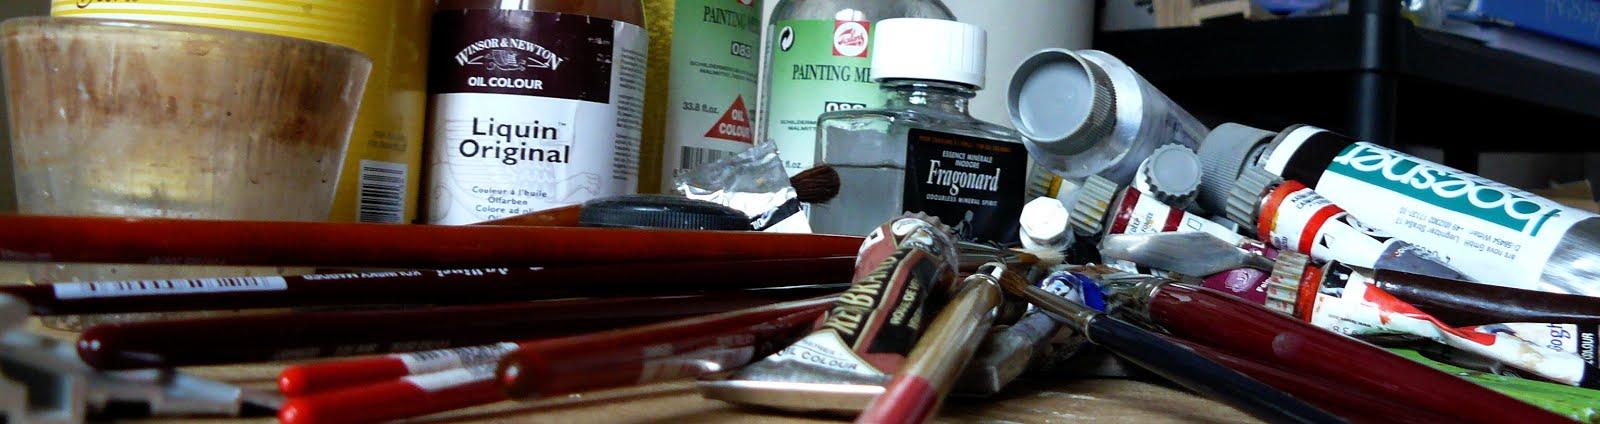 Le mat riel de peinture l 39 huile le coquillage et l 39 oreille for Materiel peinture a l huile